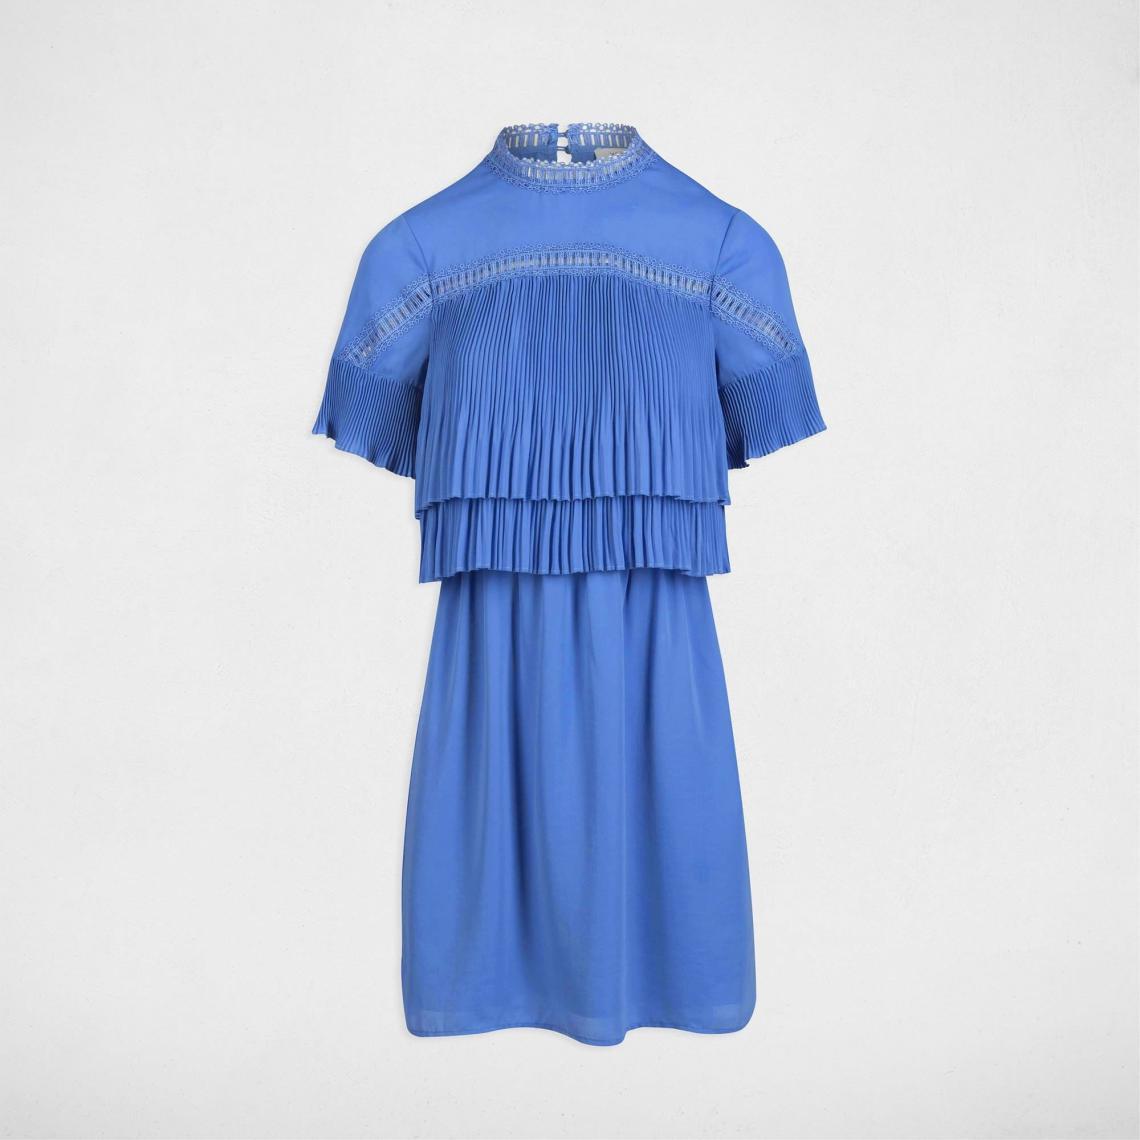 Plissés Volants Avec Morgan Suisses Femme Robe Unie 3 Bleu Courte 4qIqZ1